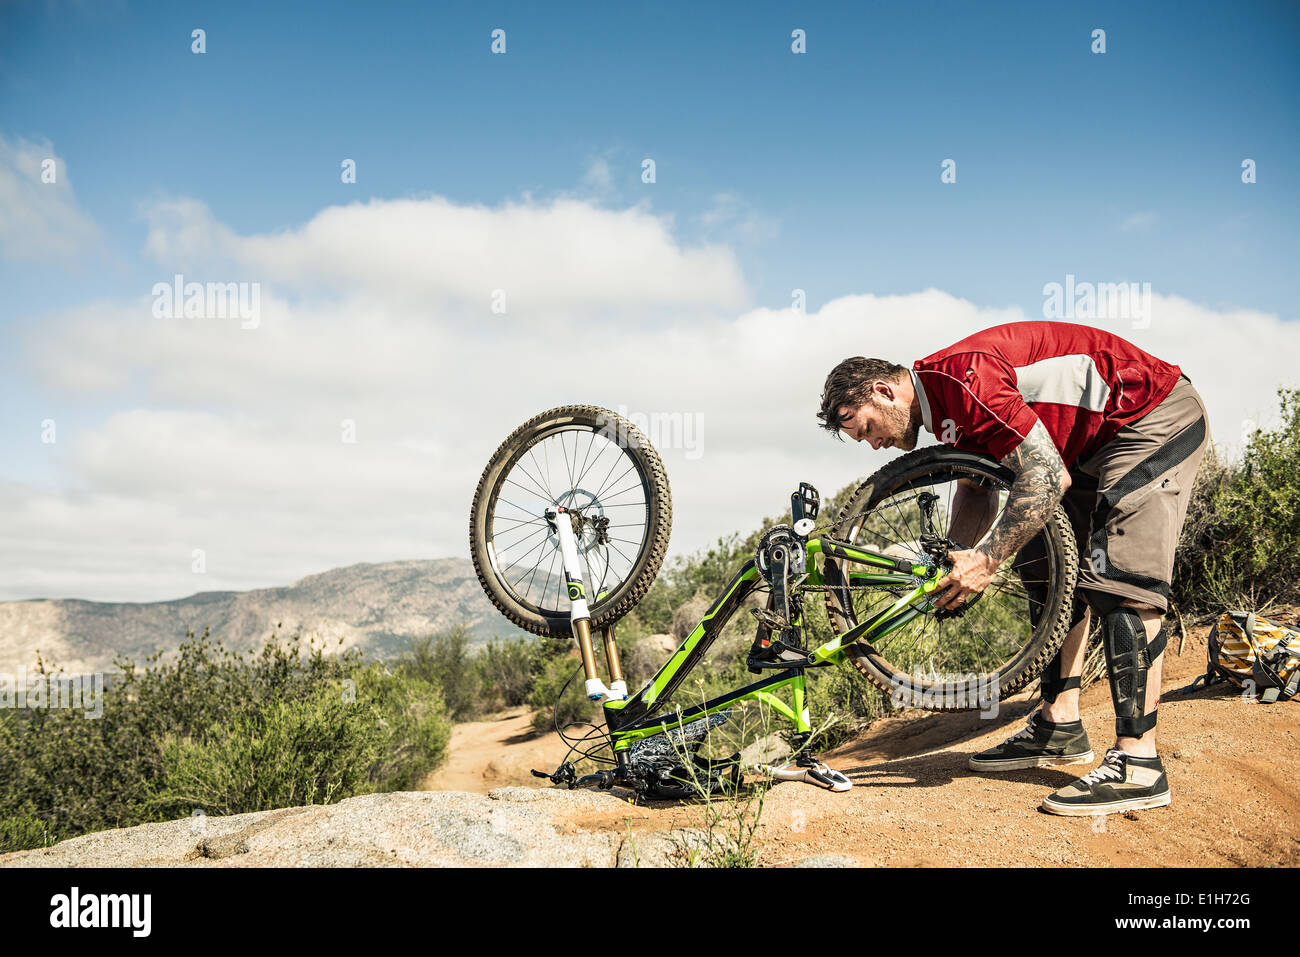 Downhill mountain biker fixing bike - Stock Image